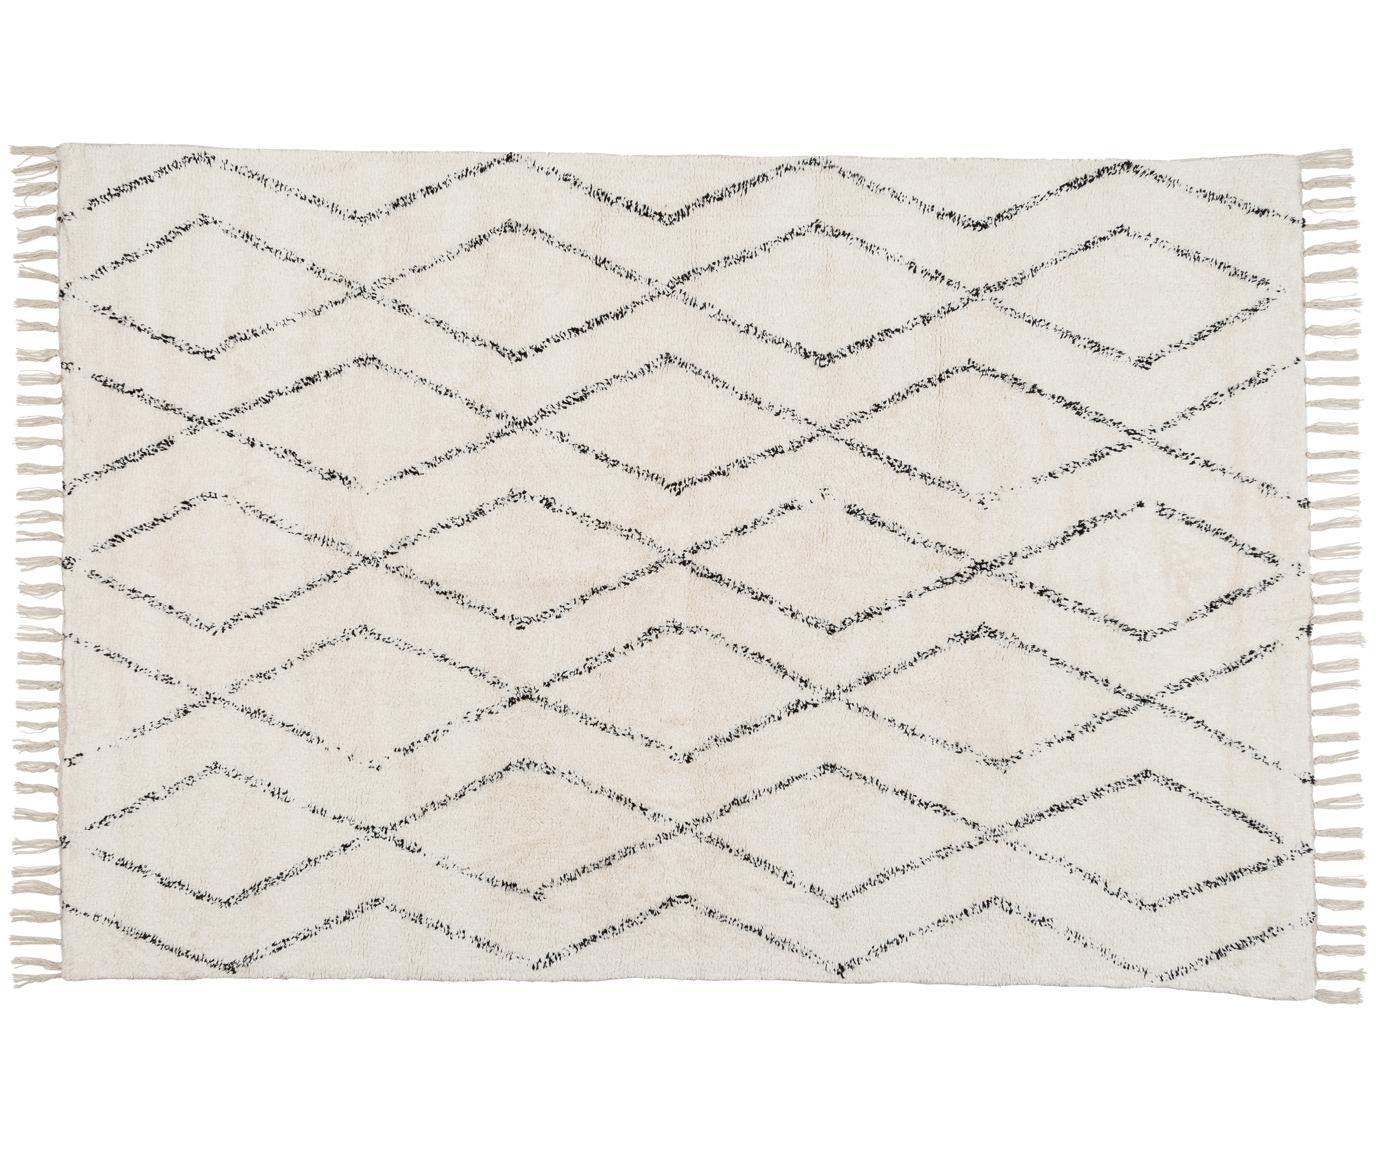 Handgewebter Teppich Berber mit Fransen, 100% Baumwolle, Grau, Cremeweiss, B 140 x L 200 cm (Grösse S)